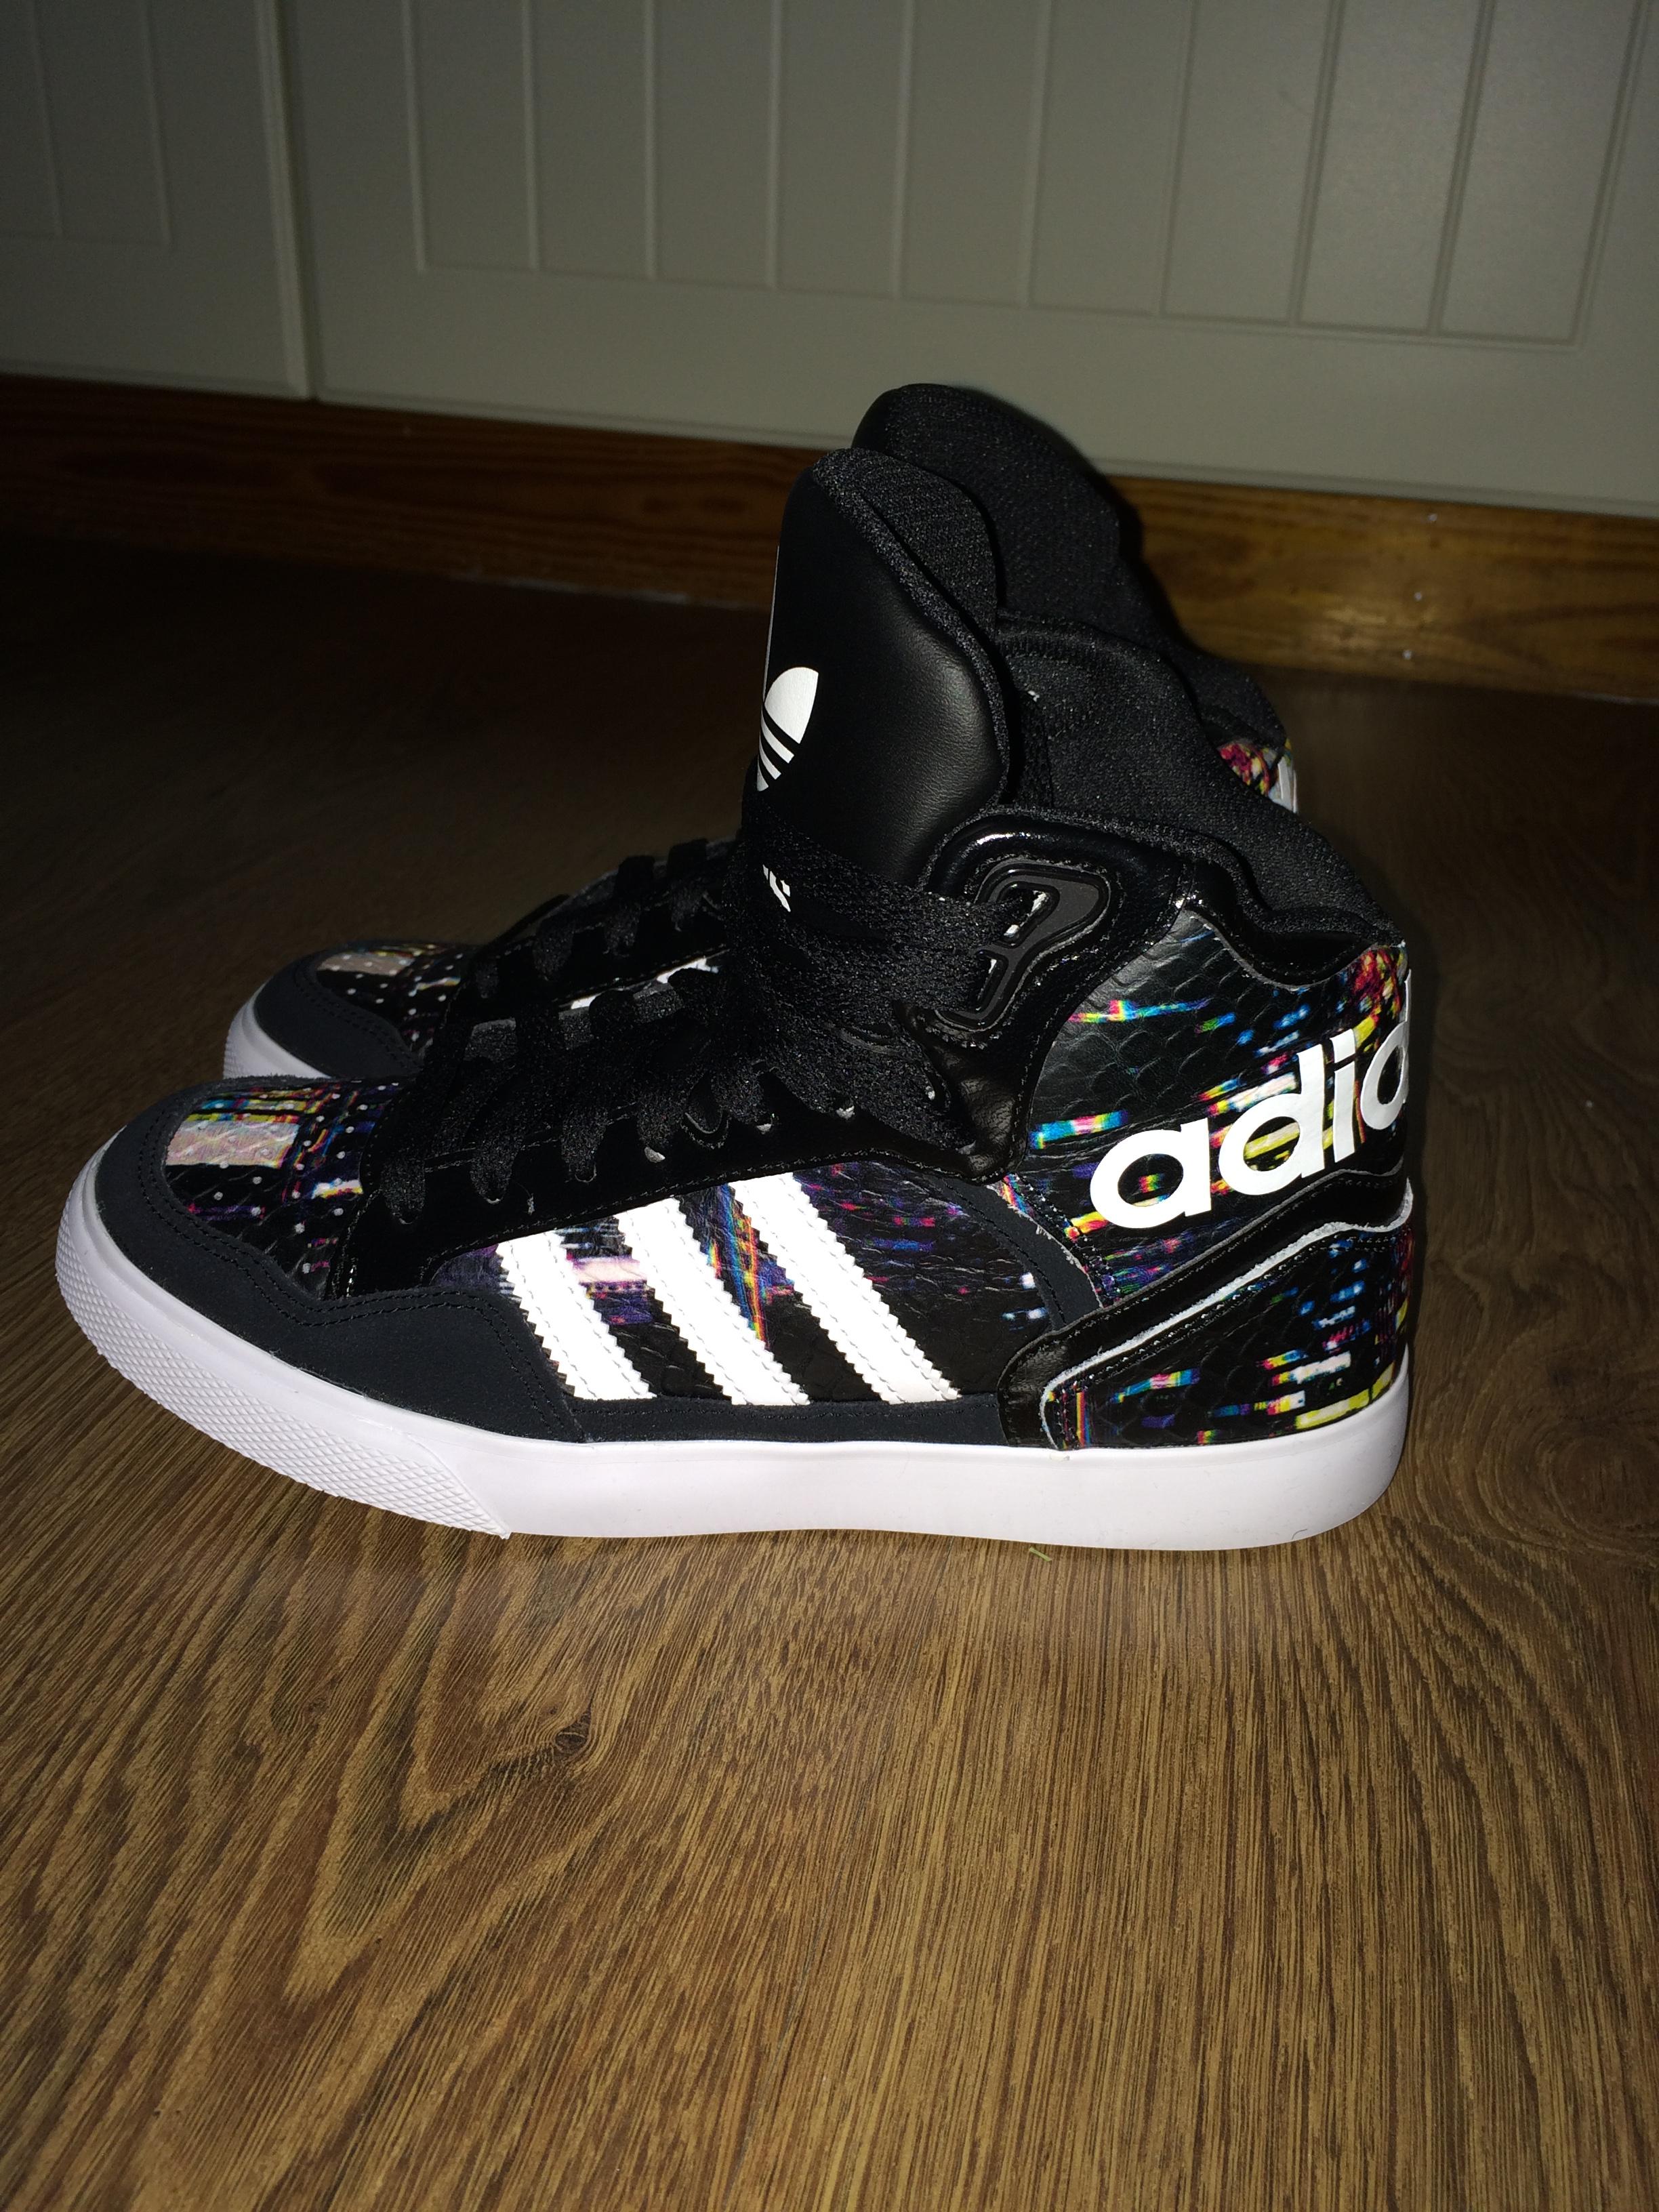 Här är mitt senaste tillskott. Adidas Extaball W köpta på nelly.com. Är  väldigt nöjd och de är en fröjd för ögat! c46ece24129a6